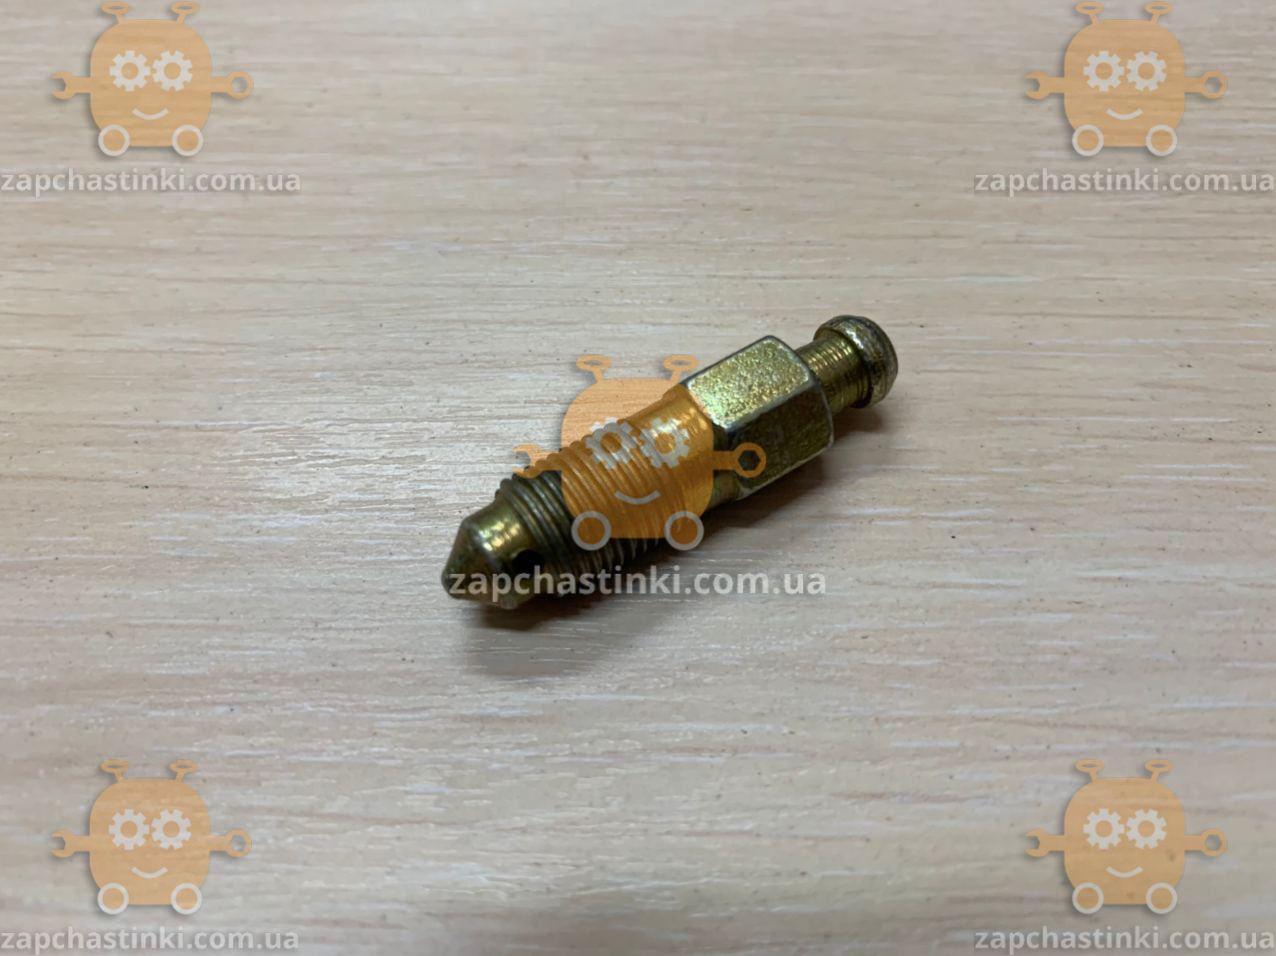 Штуцер прокачування гальм, зчеплення Газель, Волга М10х1мм (пр-во Росія) М 1655203